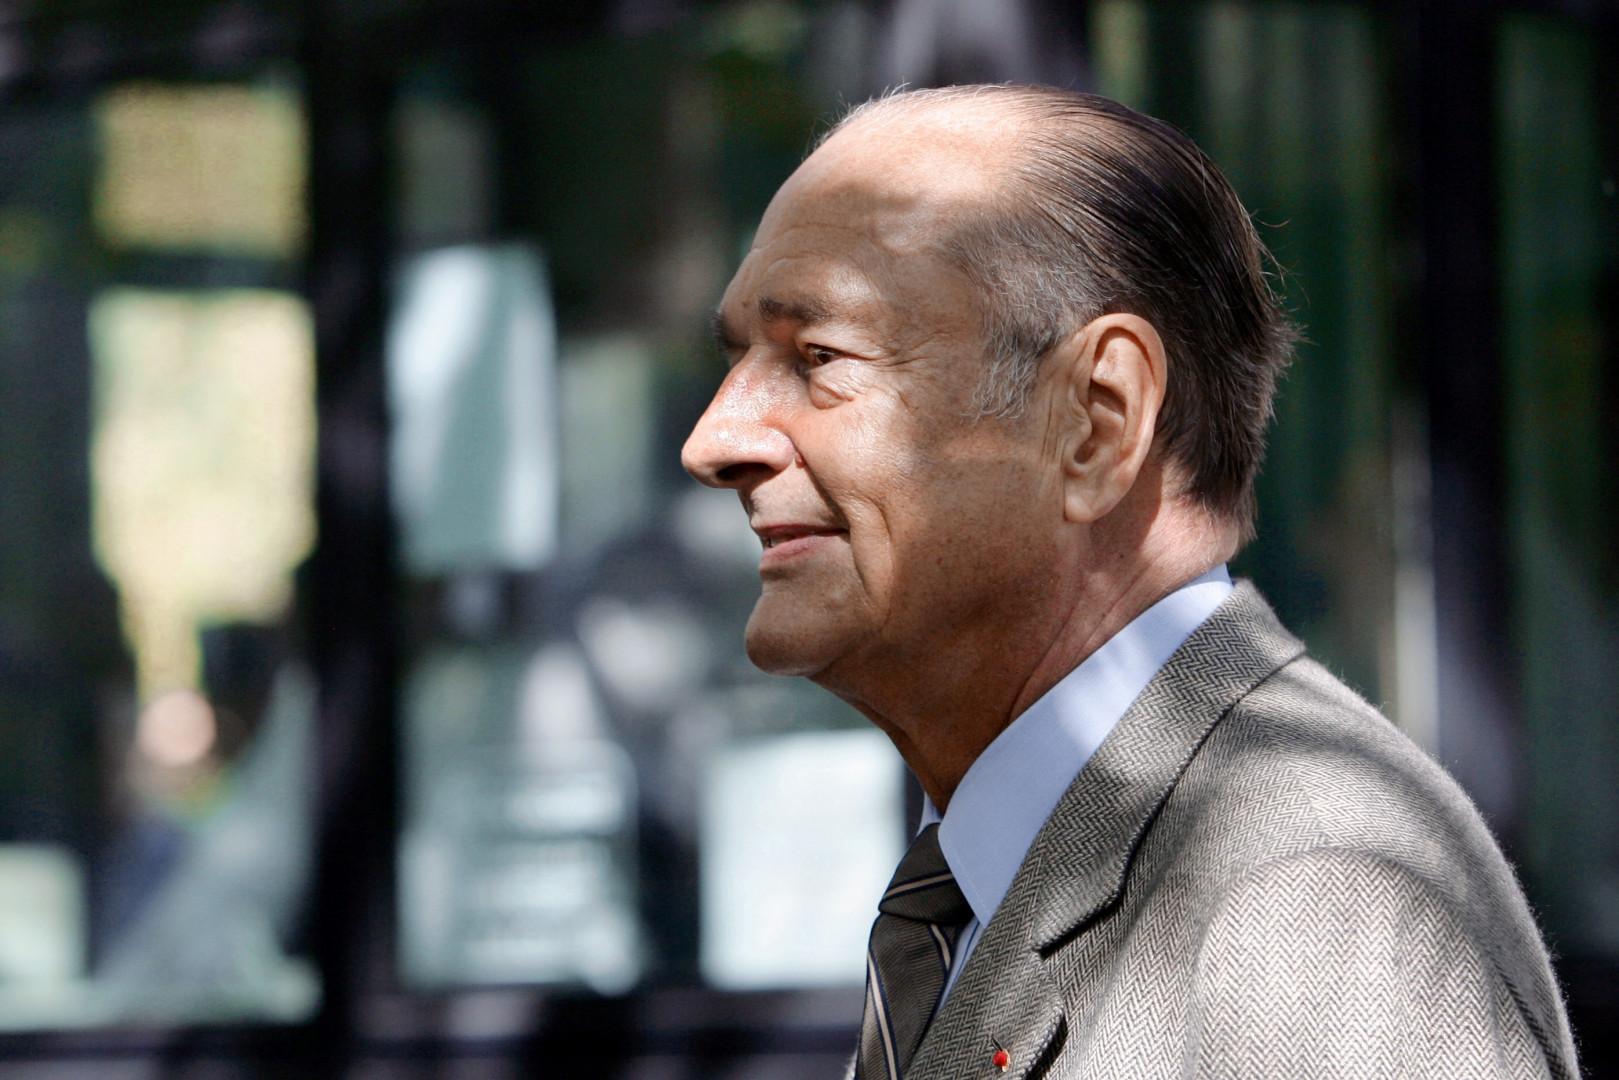 Le président Jacques Chirac, ici en 2005, est décédé ce jeudi 26 septembre 2019